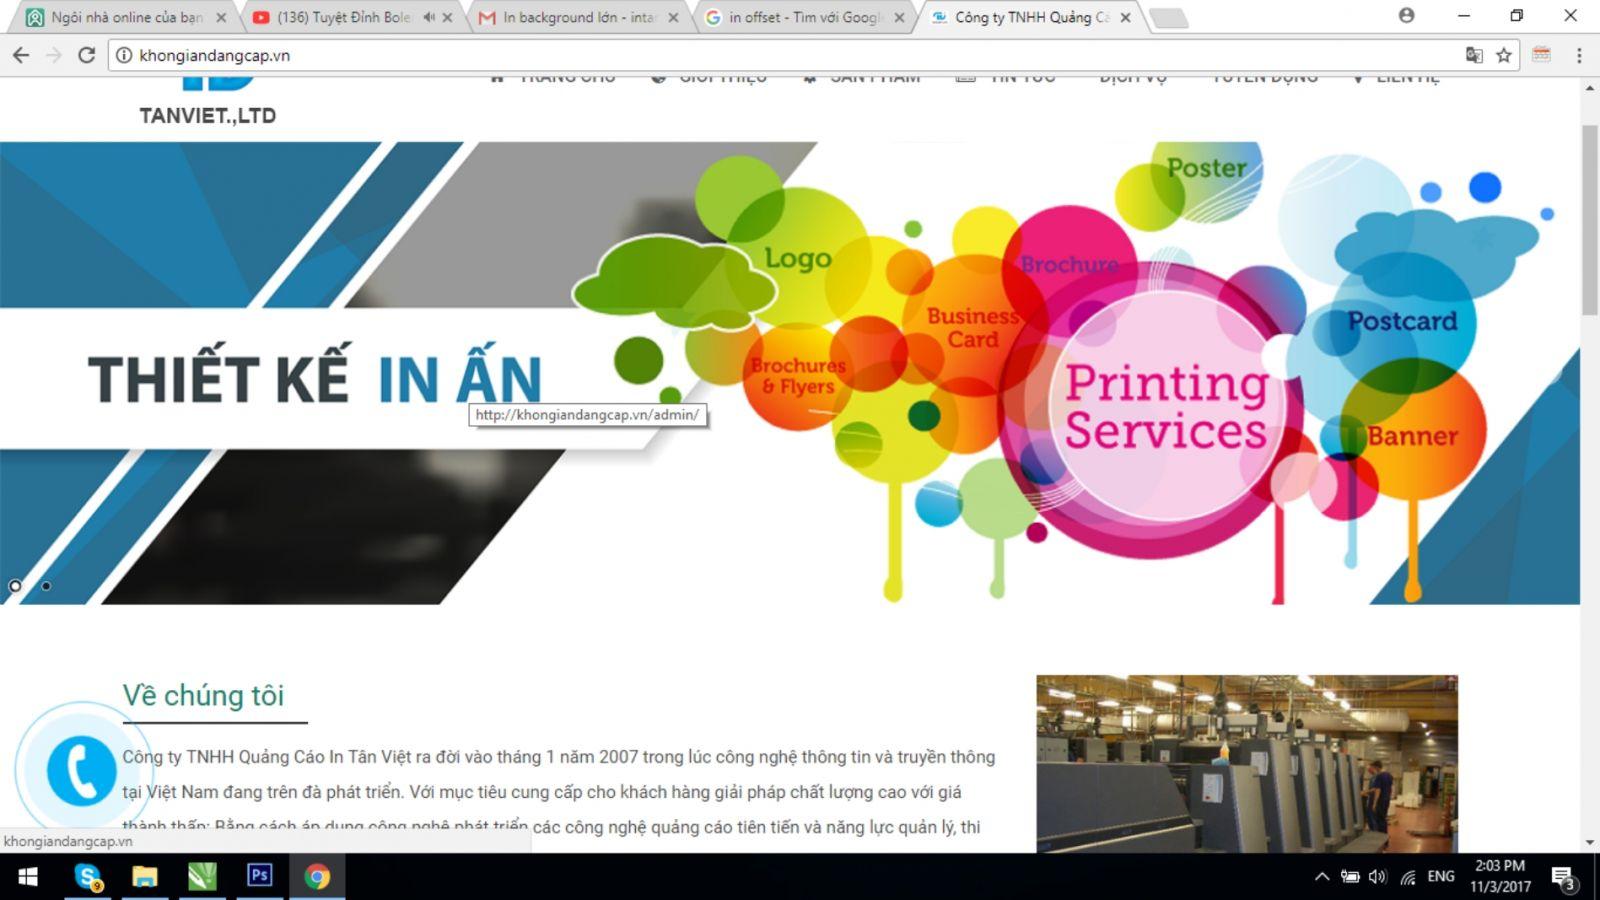 Giới thiệu về việc làm biển quảng cáo của công ty Tân Việt